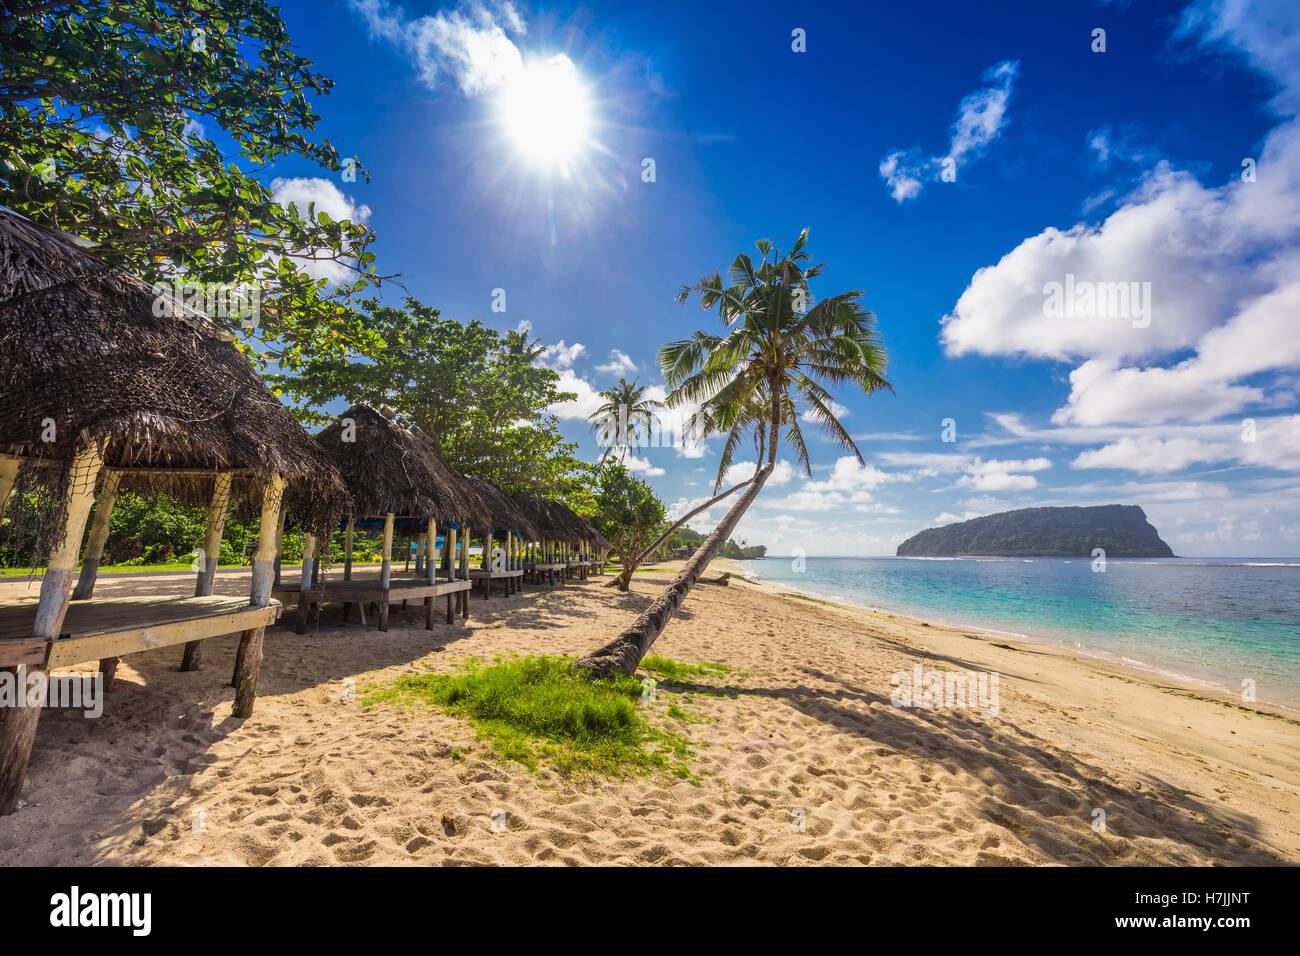 Une plage tropicale avec des cocotiers et un beach fales, Îles Samoa Photo Stock